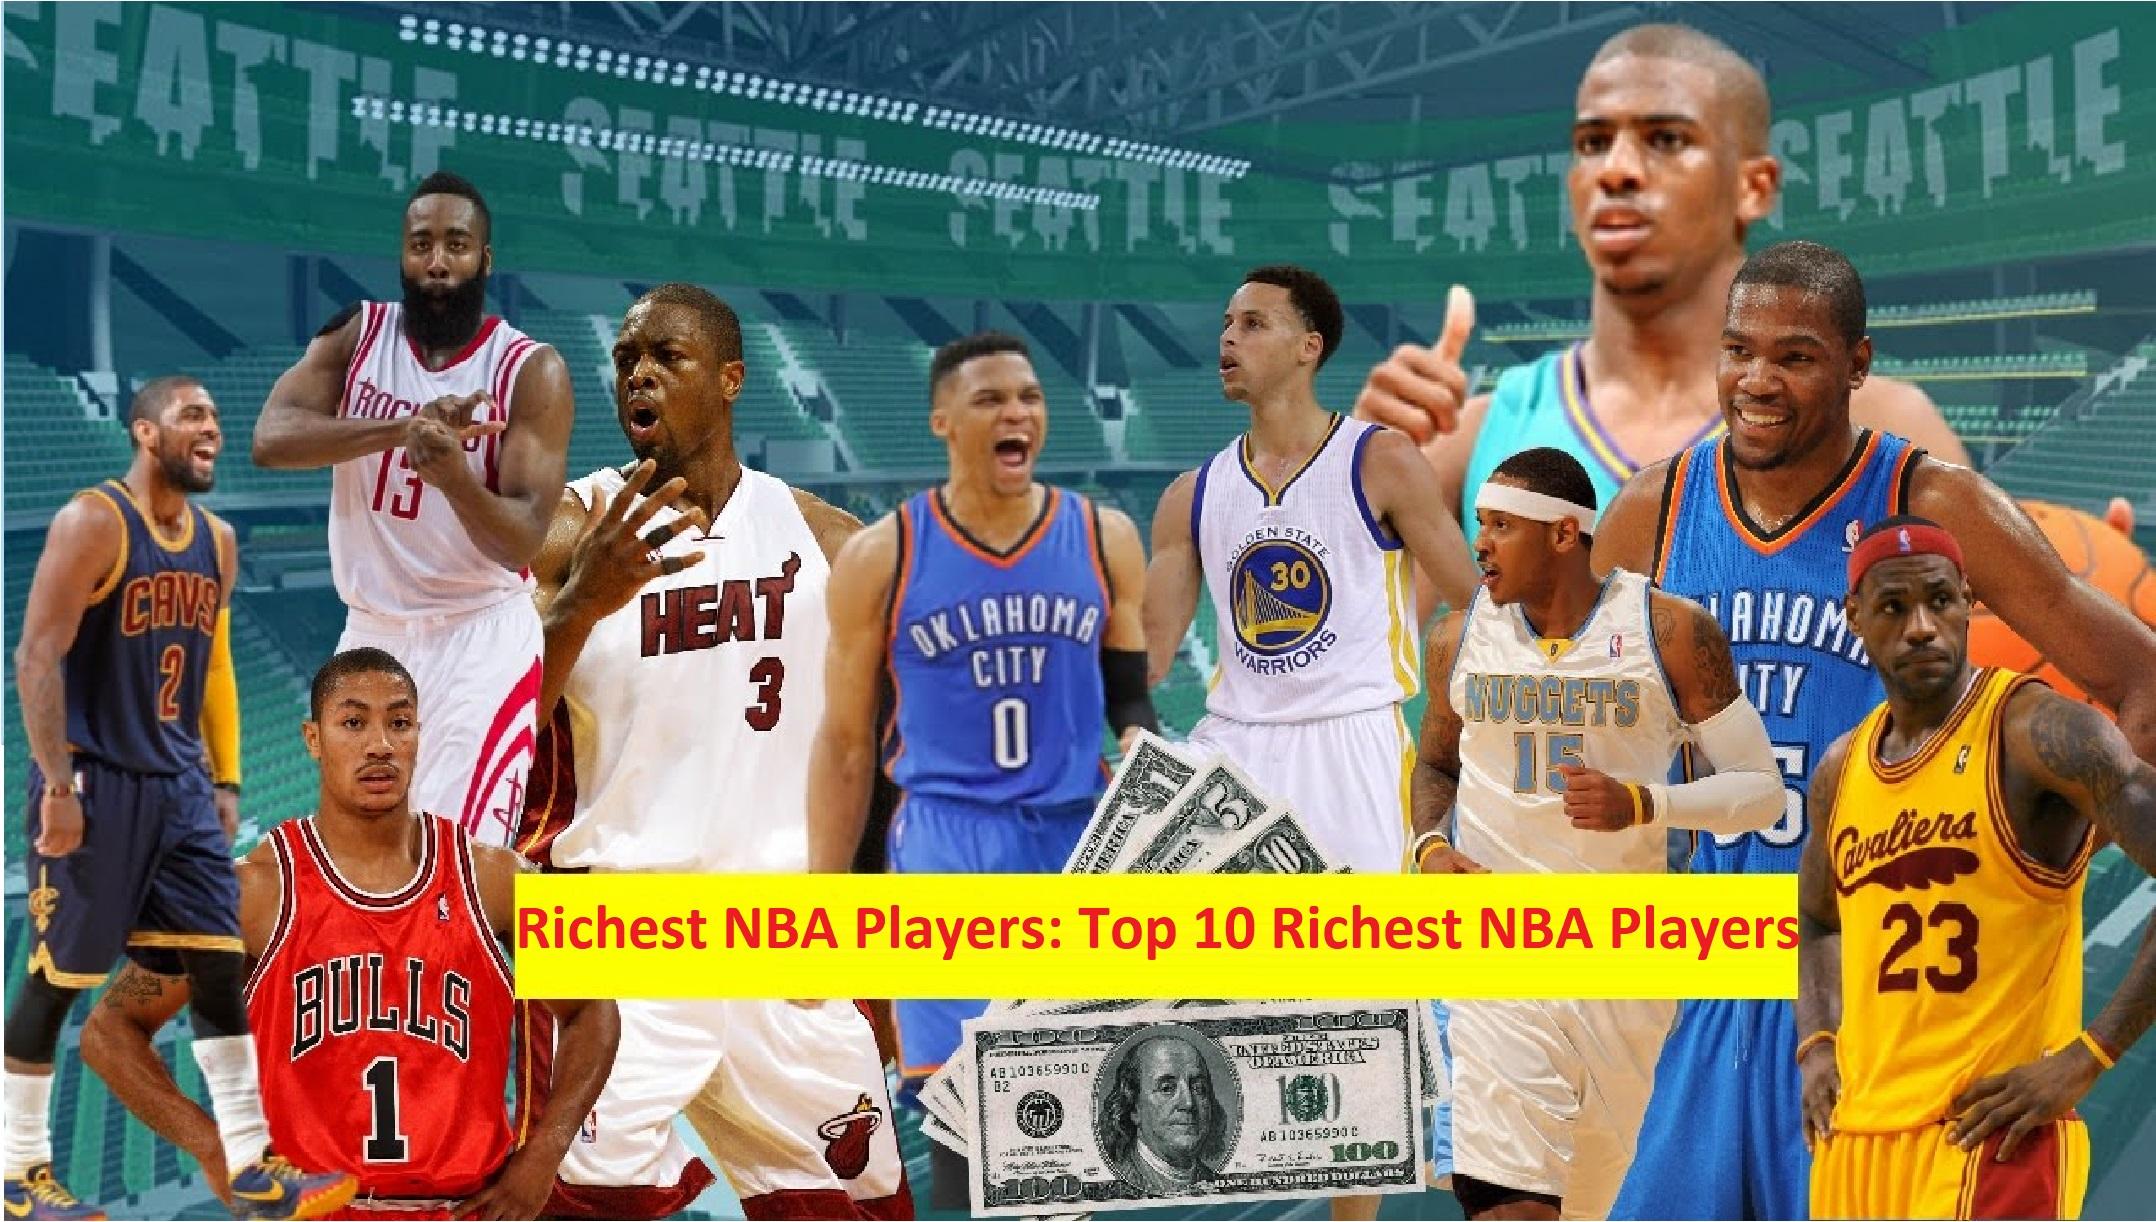 Basketball: Basketball games | NBA - National Basketball Association